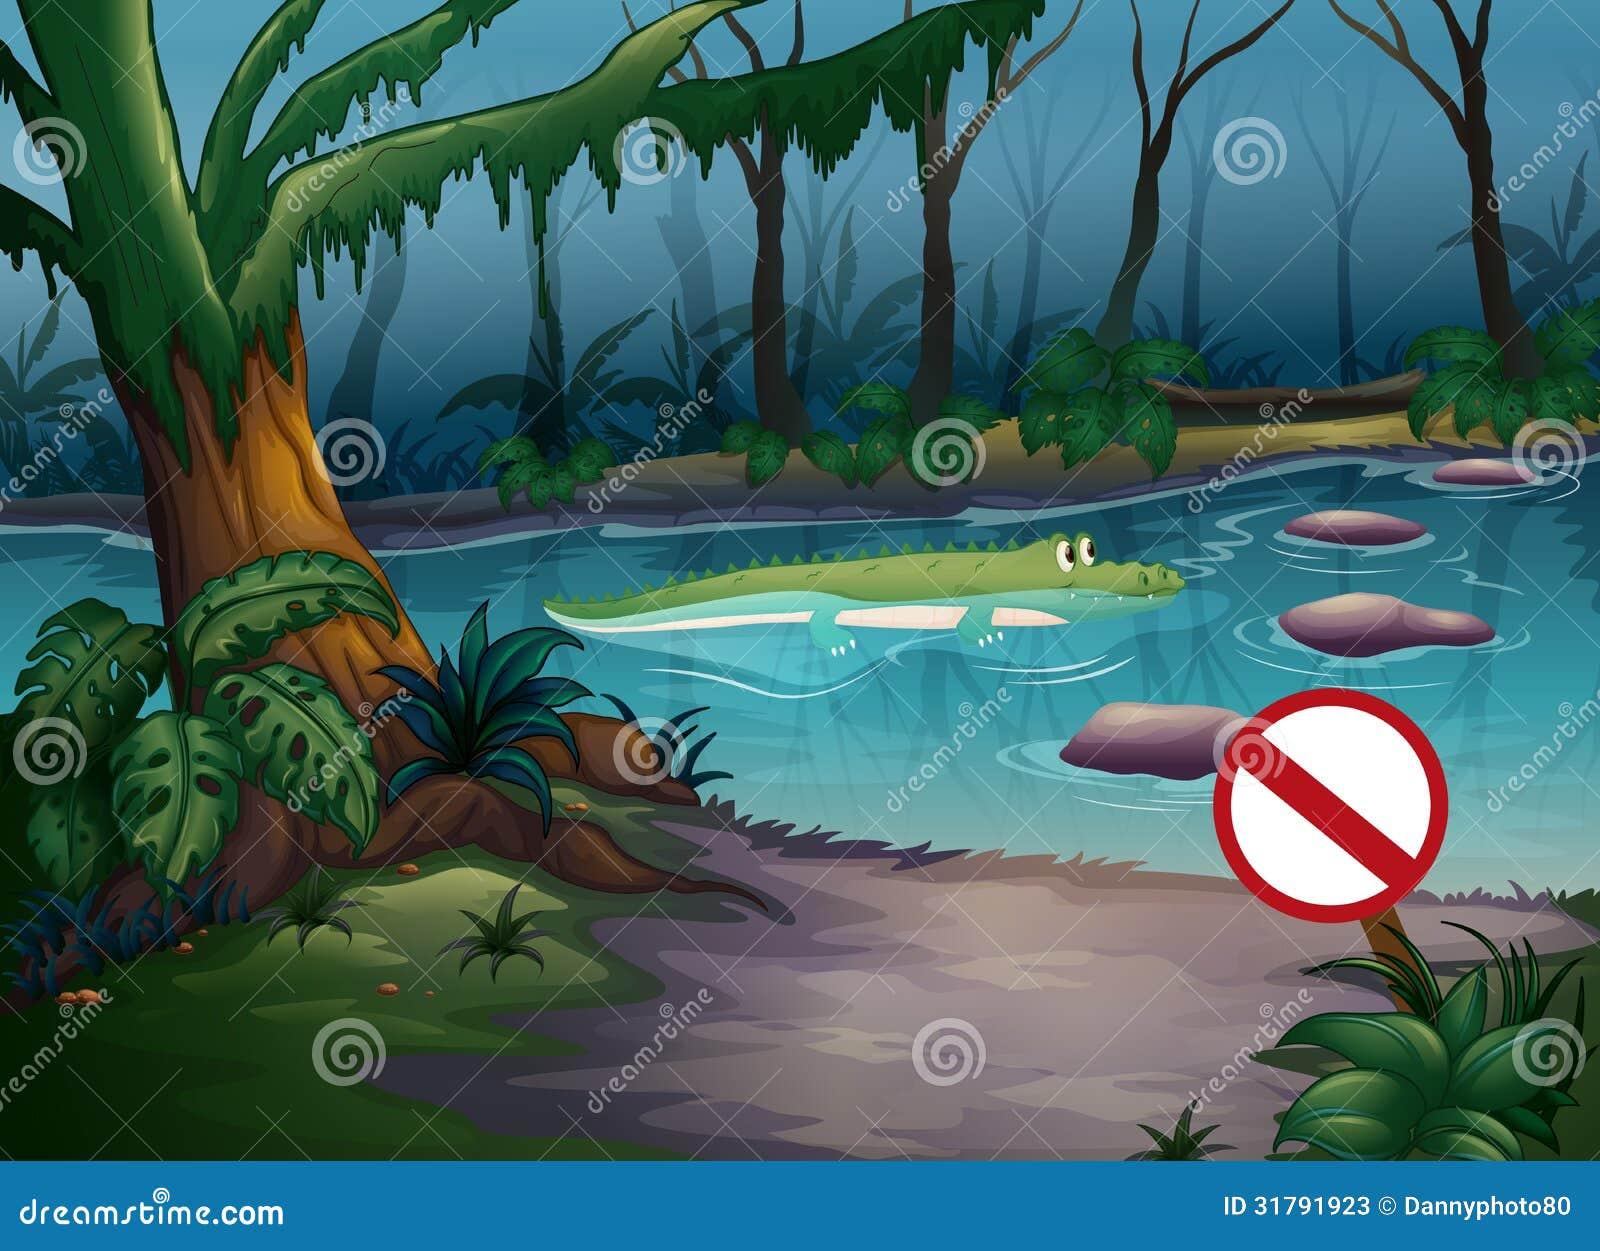 A crocodile in the jungle